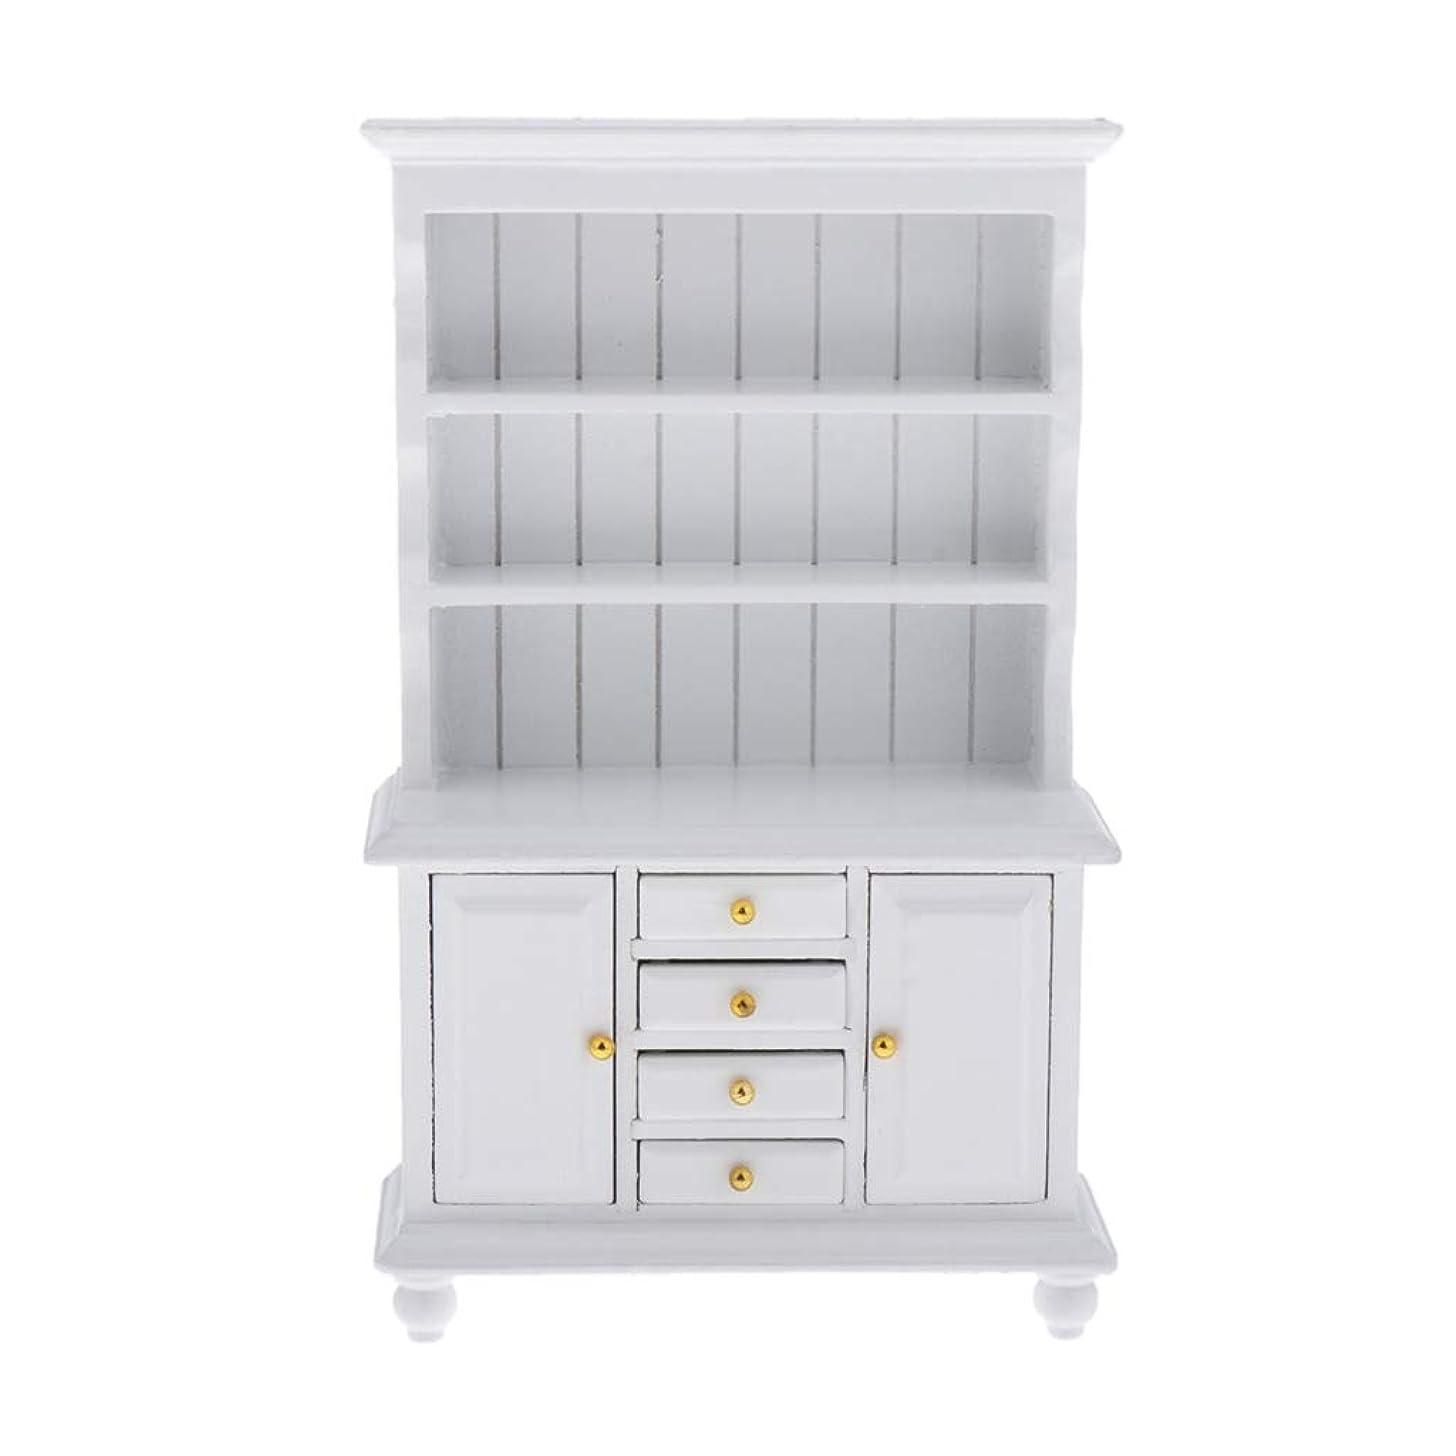 エキス期限メンバー食器棚 本棚 ドールハウス家具 3段キャビネット 人形家の装飾 ルーム装飾 1/12 全3色 - 白